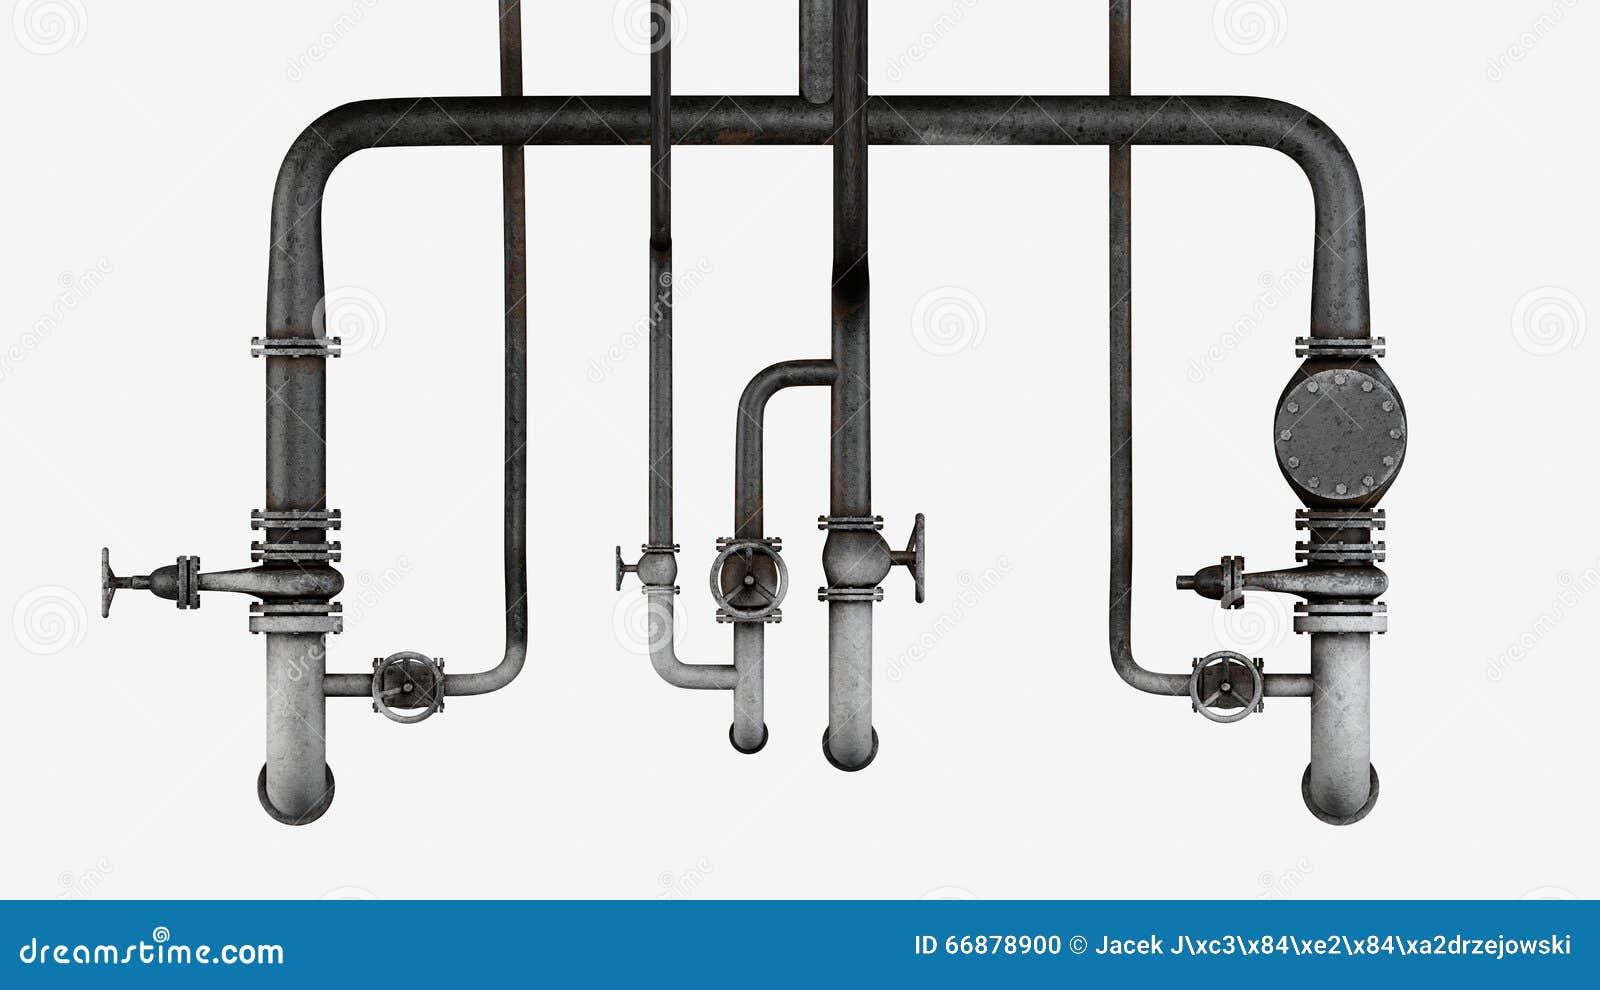 Uppsättning av gamla rostiga rör och ventiler som isoleras på vit bakgrund